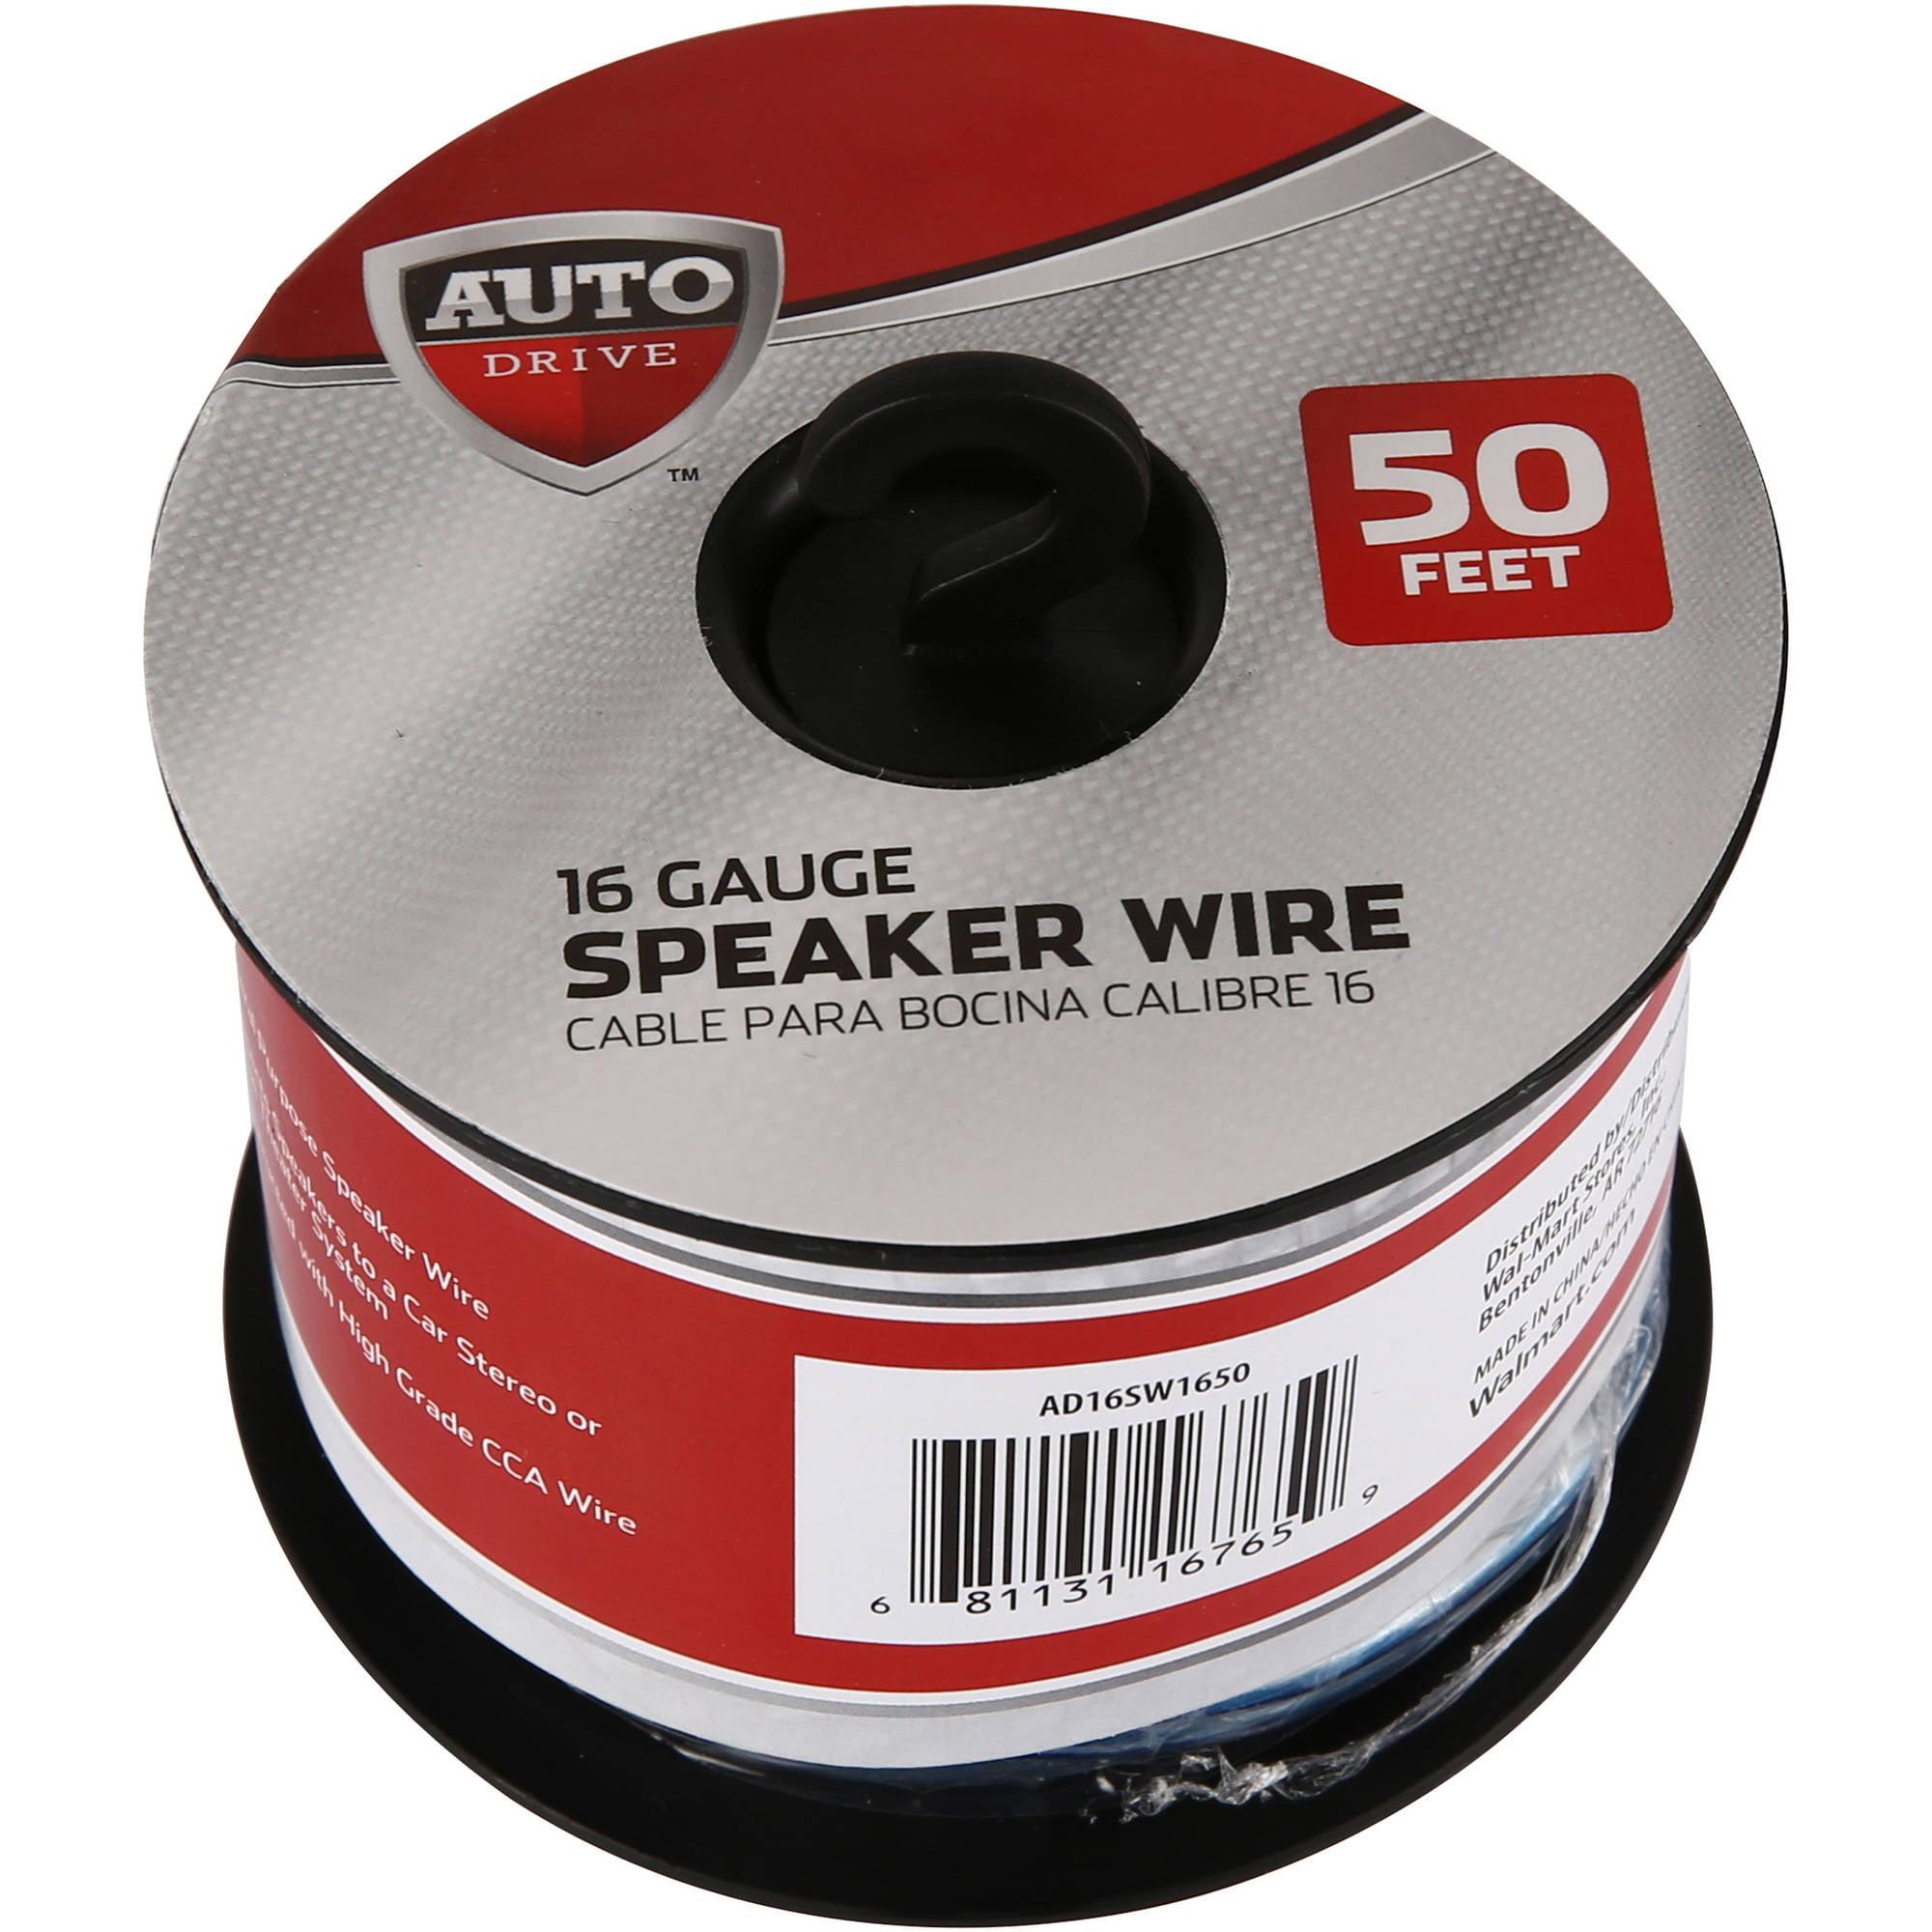 Auto Drive Car Stereo Speaker Wire, 16ga, 50\', 15.2m - Walmart.com